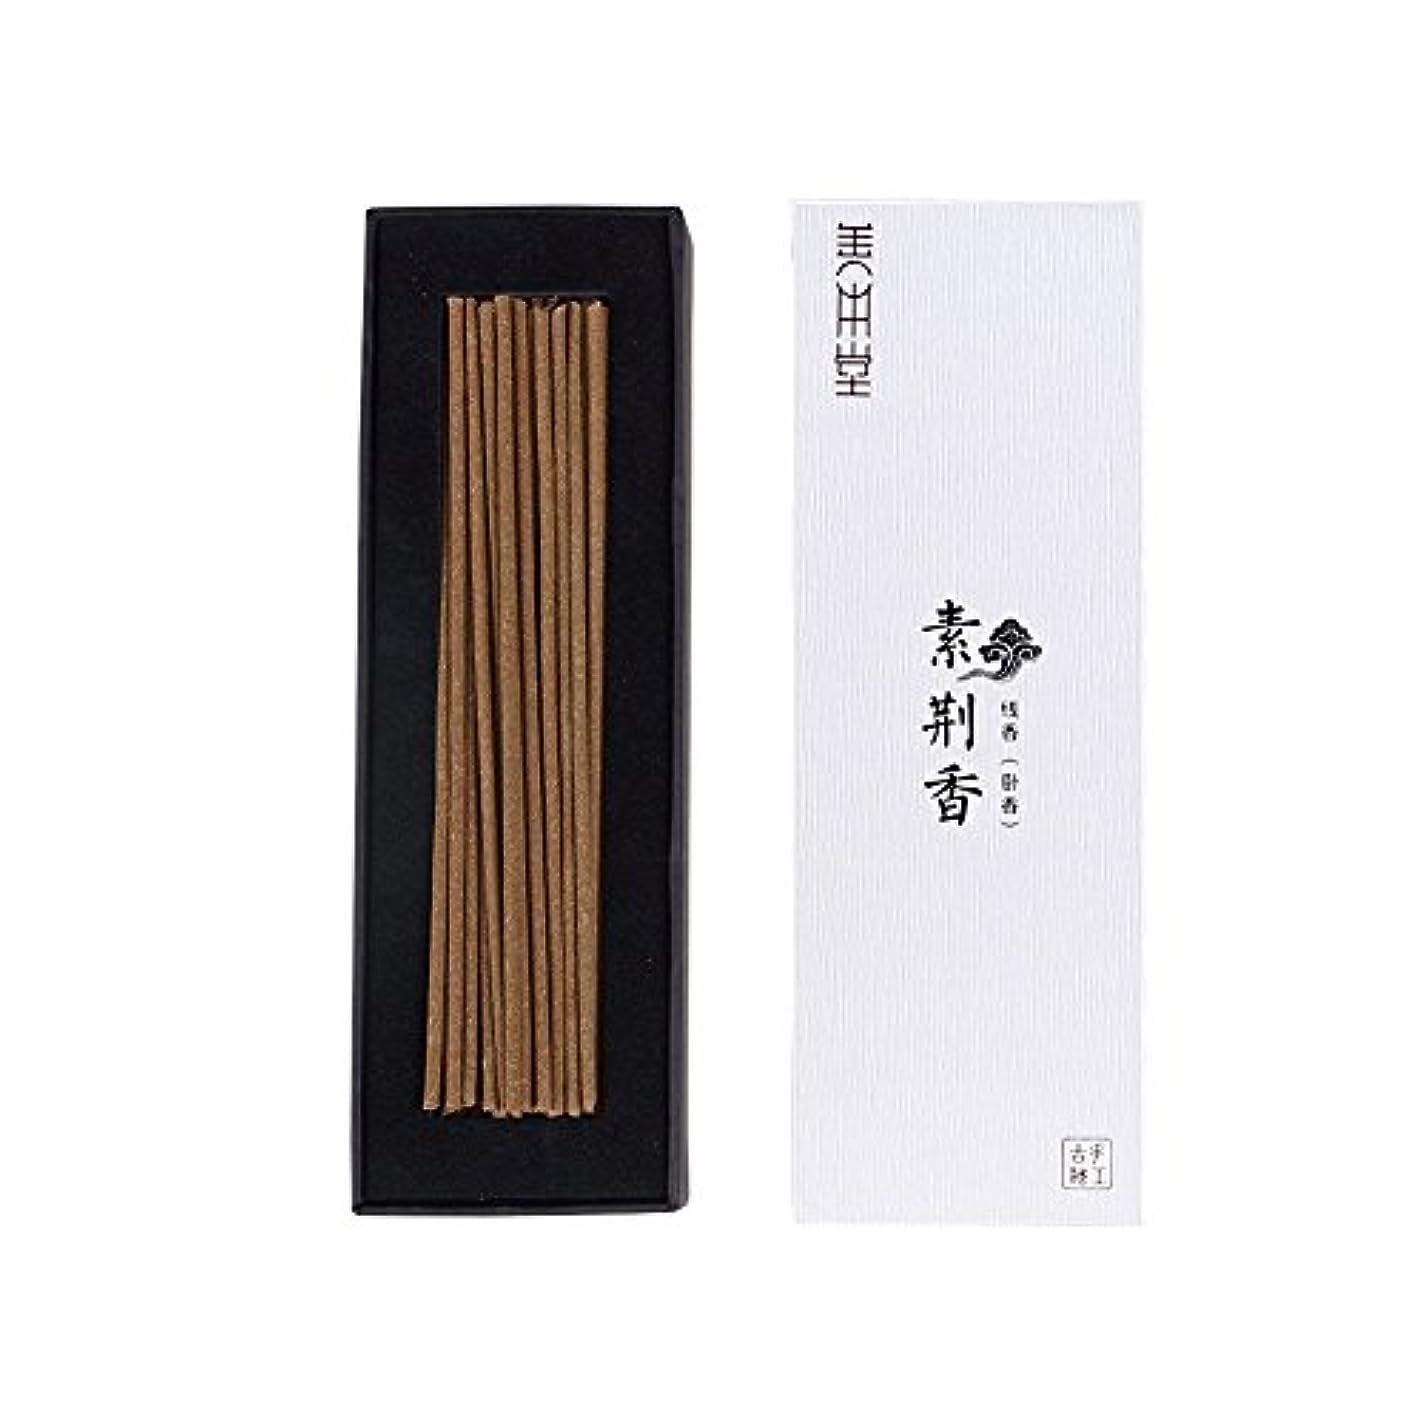 真面目なバラエティ泥棒shanbentang Incense Sticks Classical Chinese Incense、古代の知恵、アロマの千年前5.5in